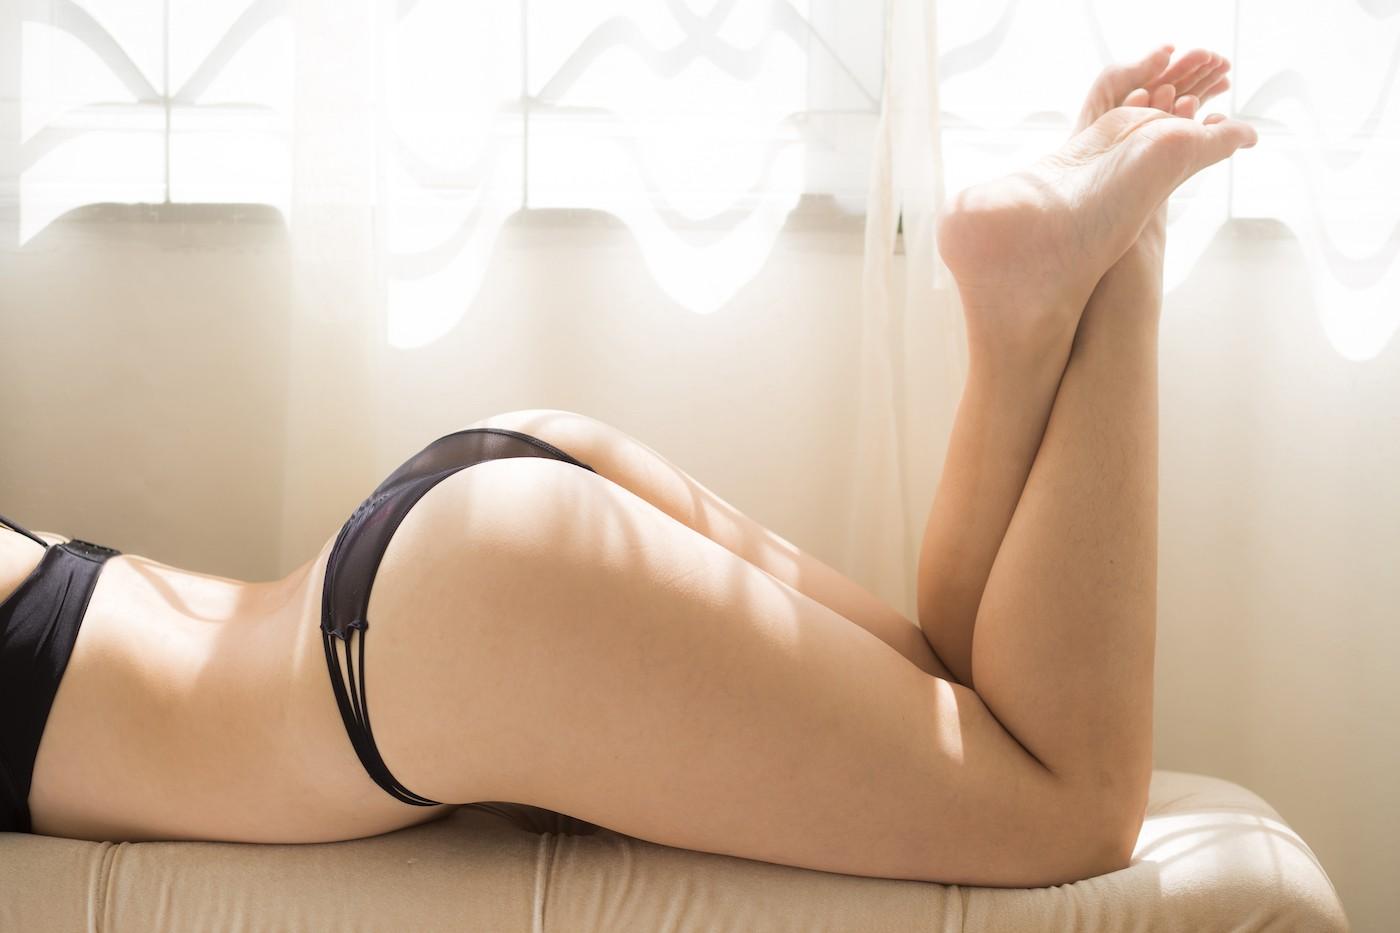 Foto de bragas usadas por chica en Panty.com.